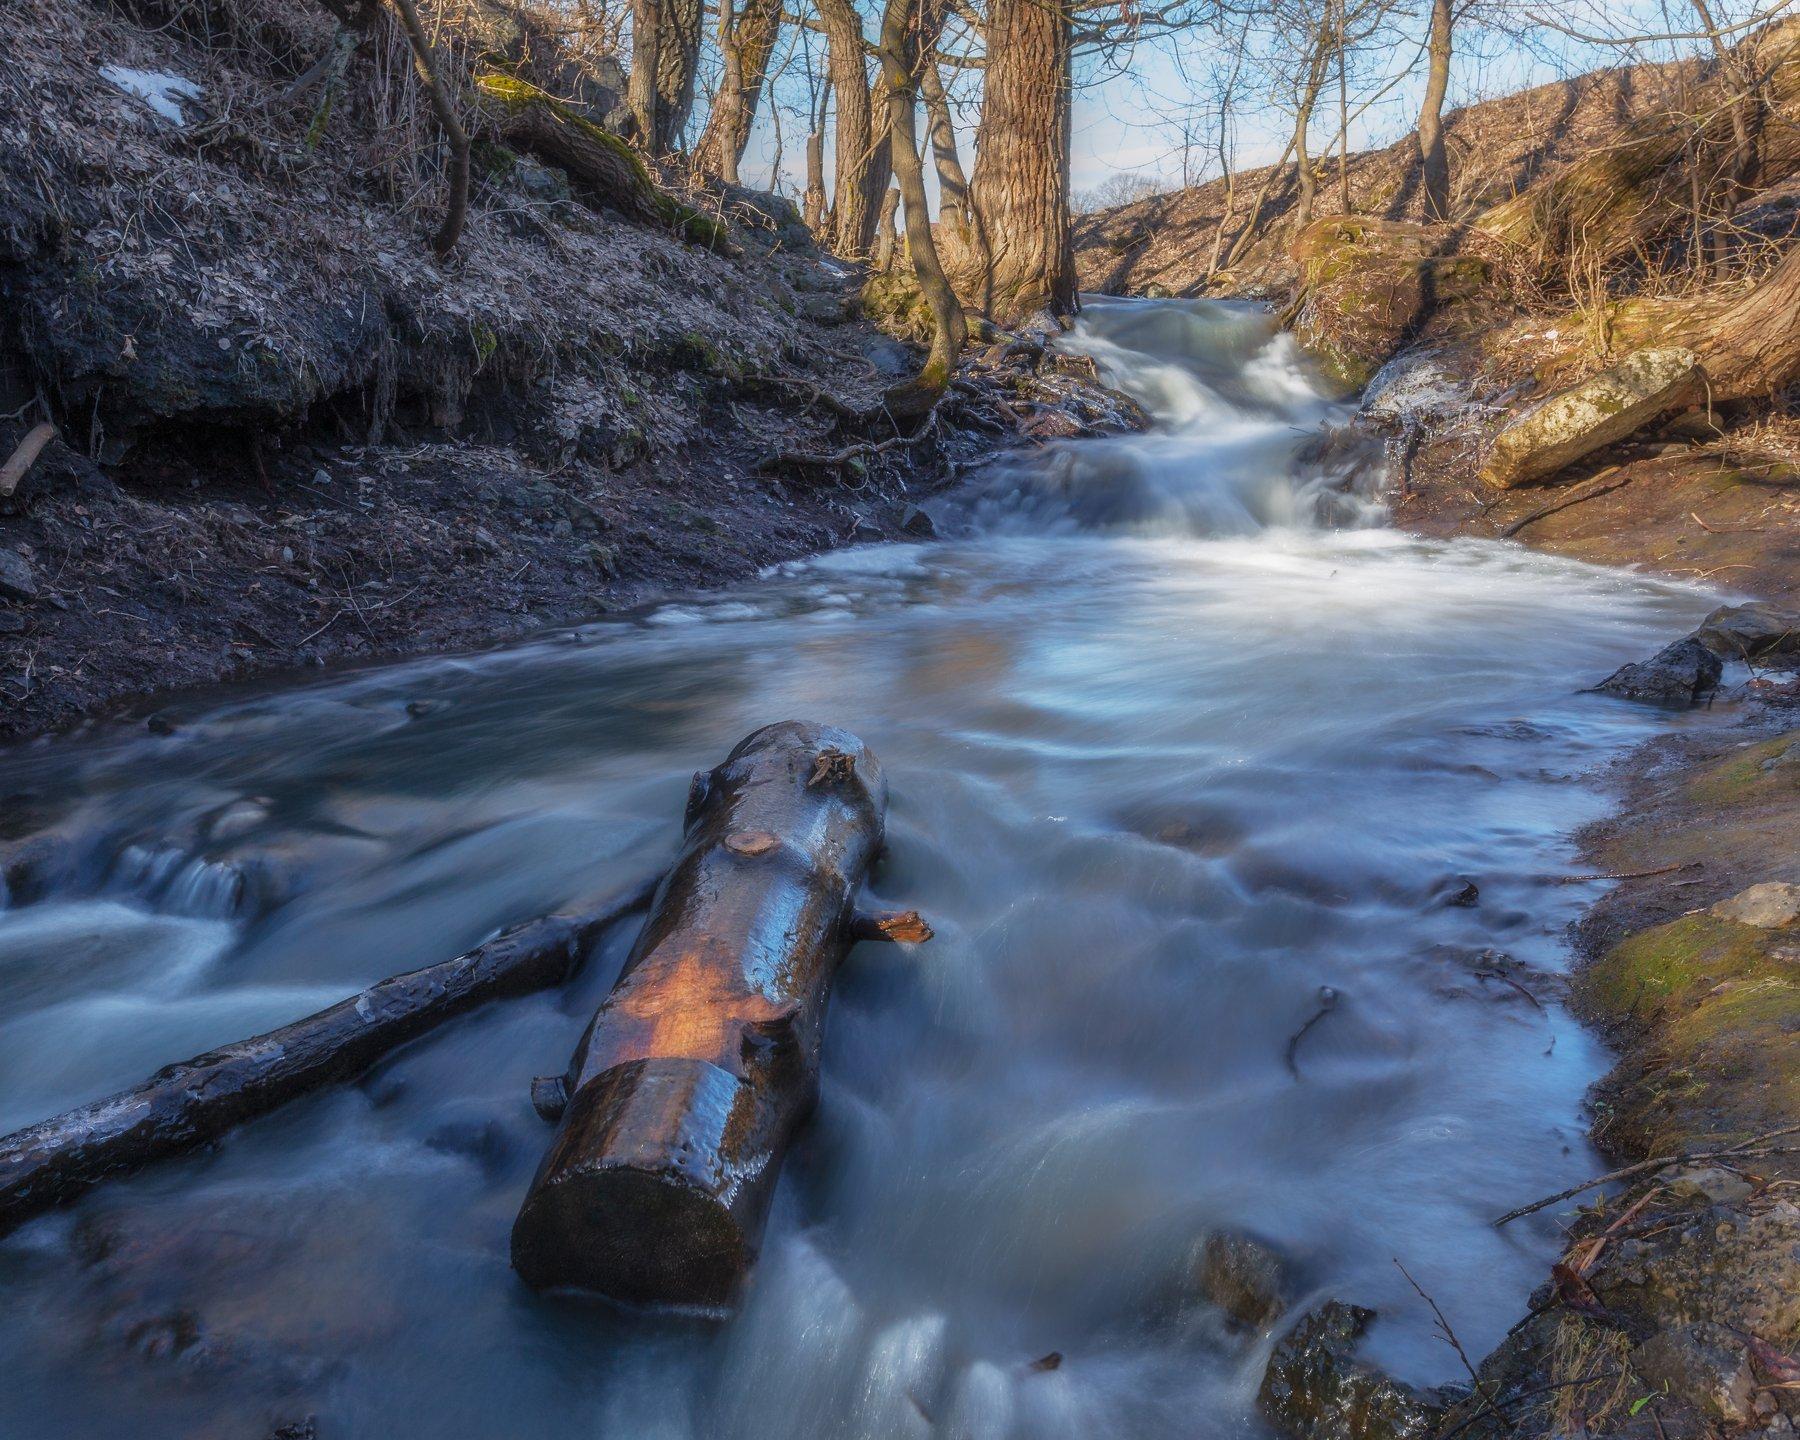 природа, пейзаж, весна, Мартыненко Дмитрий